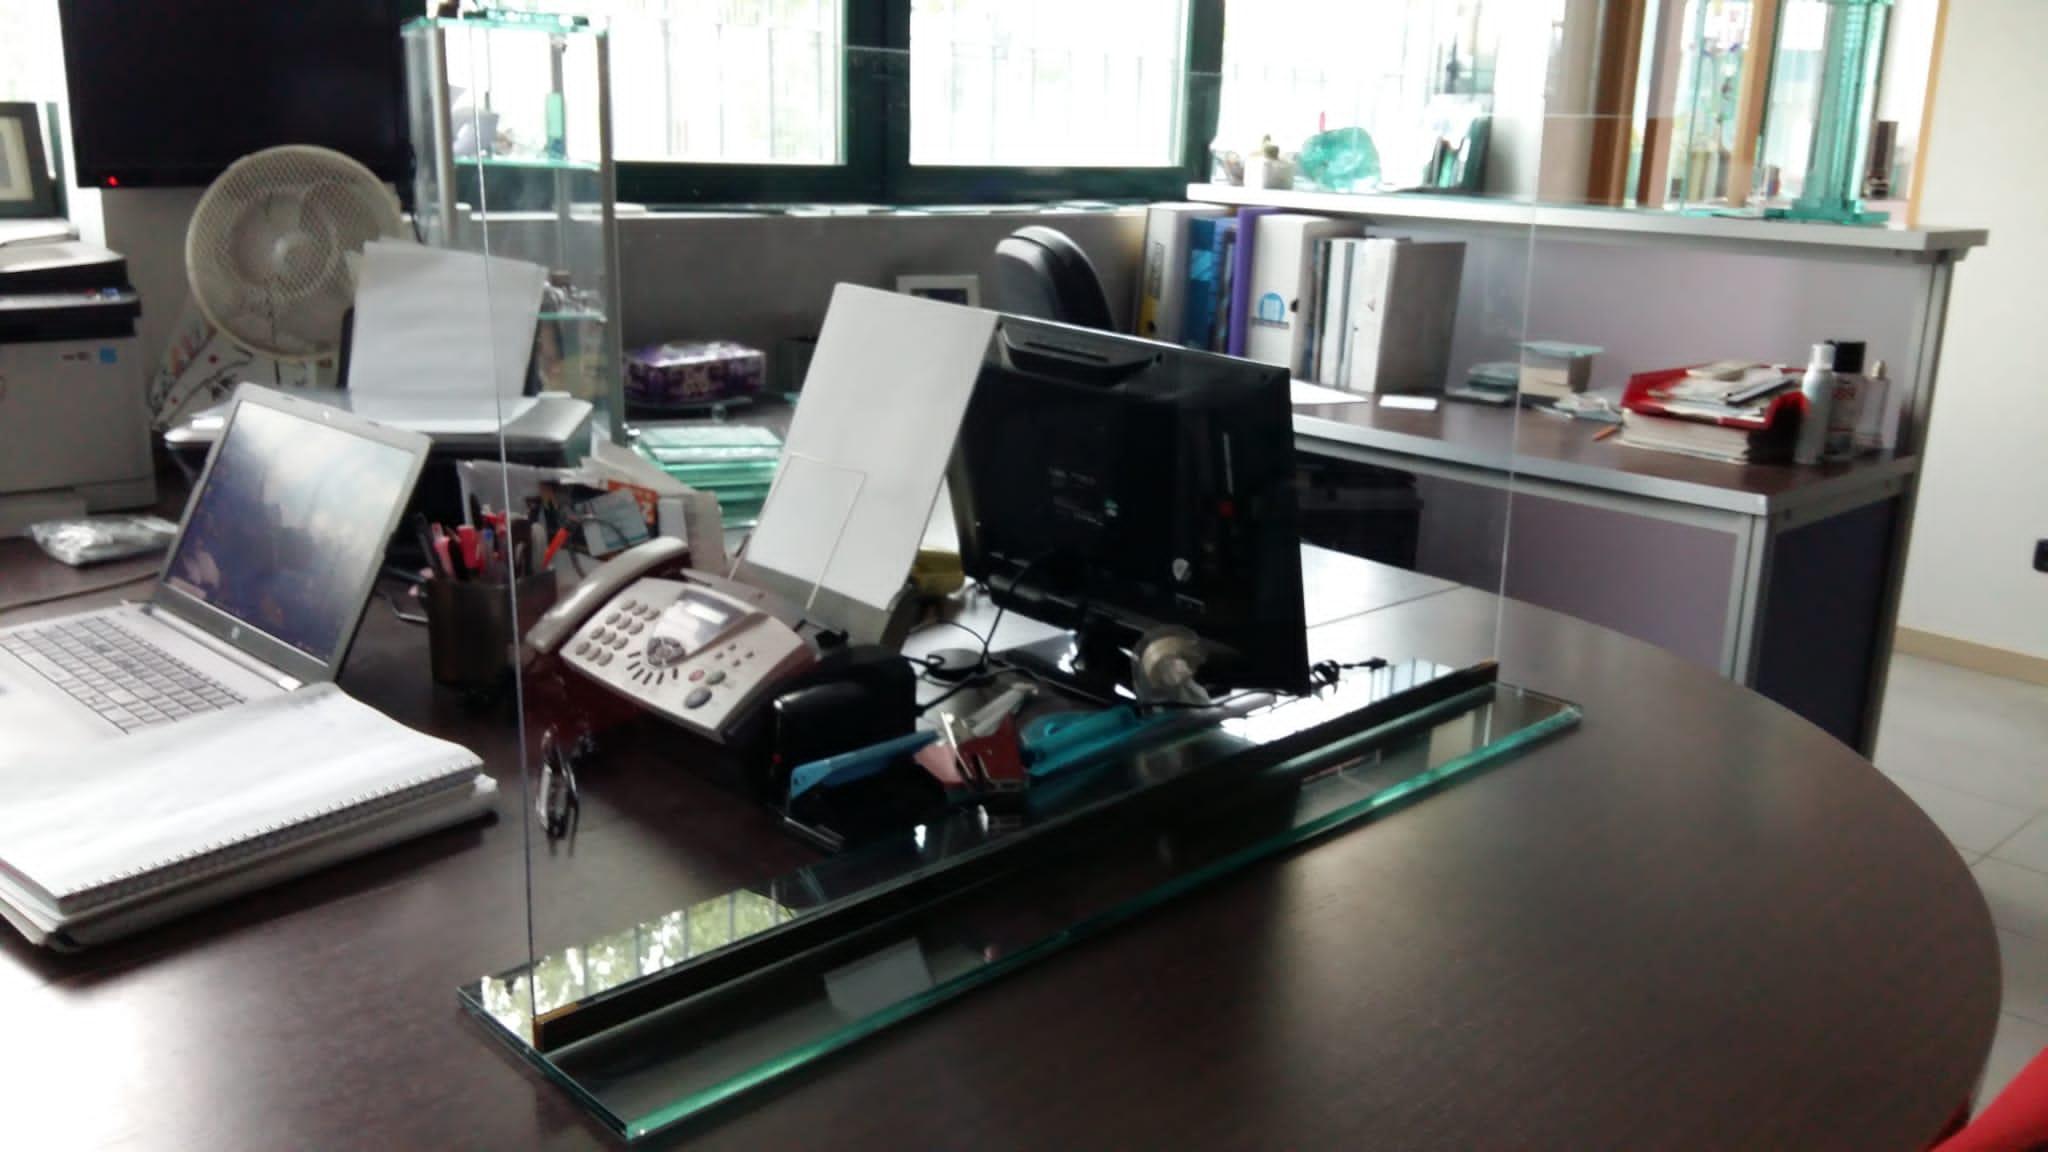 barriera in vetro e plastica per protezione anticontagio smontabile ed economica